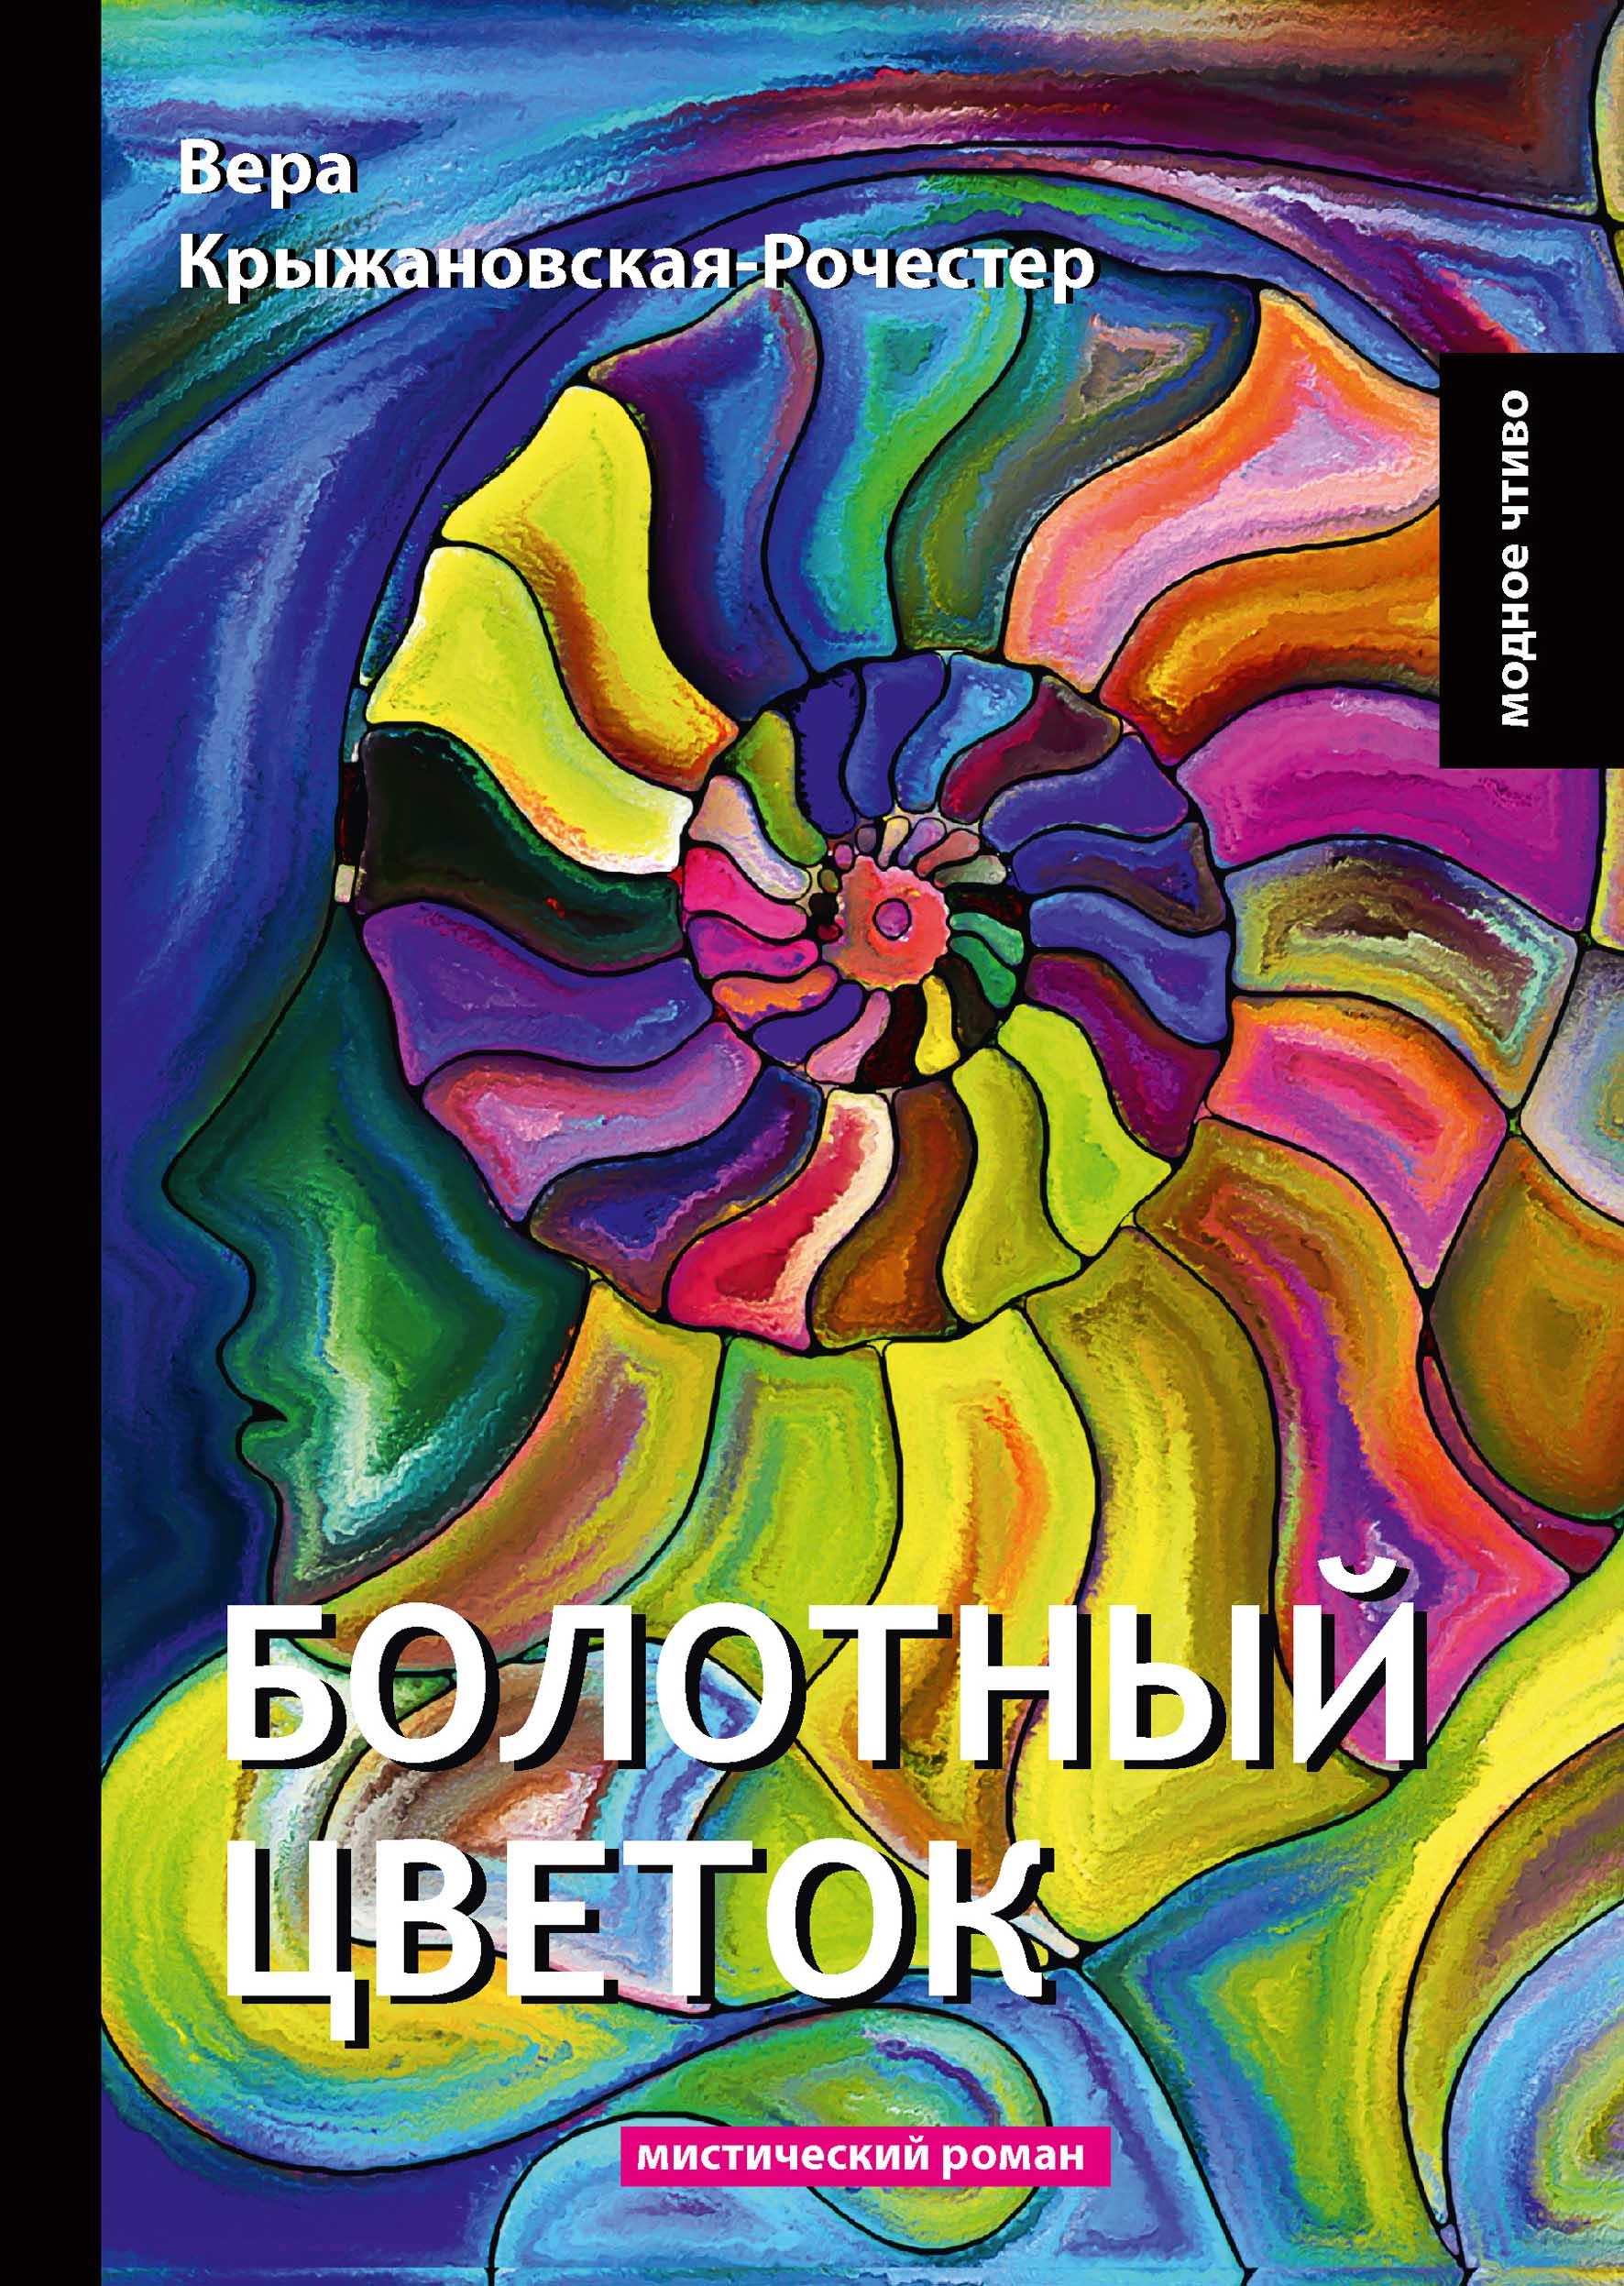 Вера Крыжановская-Рочестер Болотный цветок. Мистический роман klaus h carl klimt